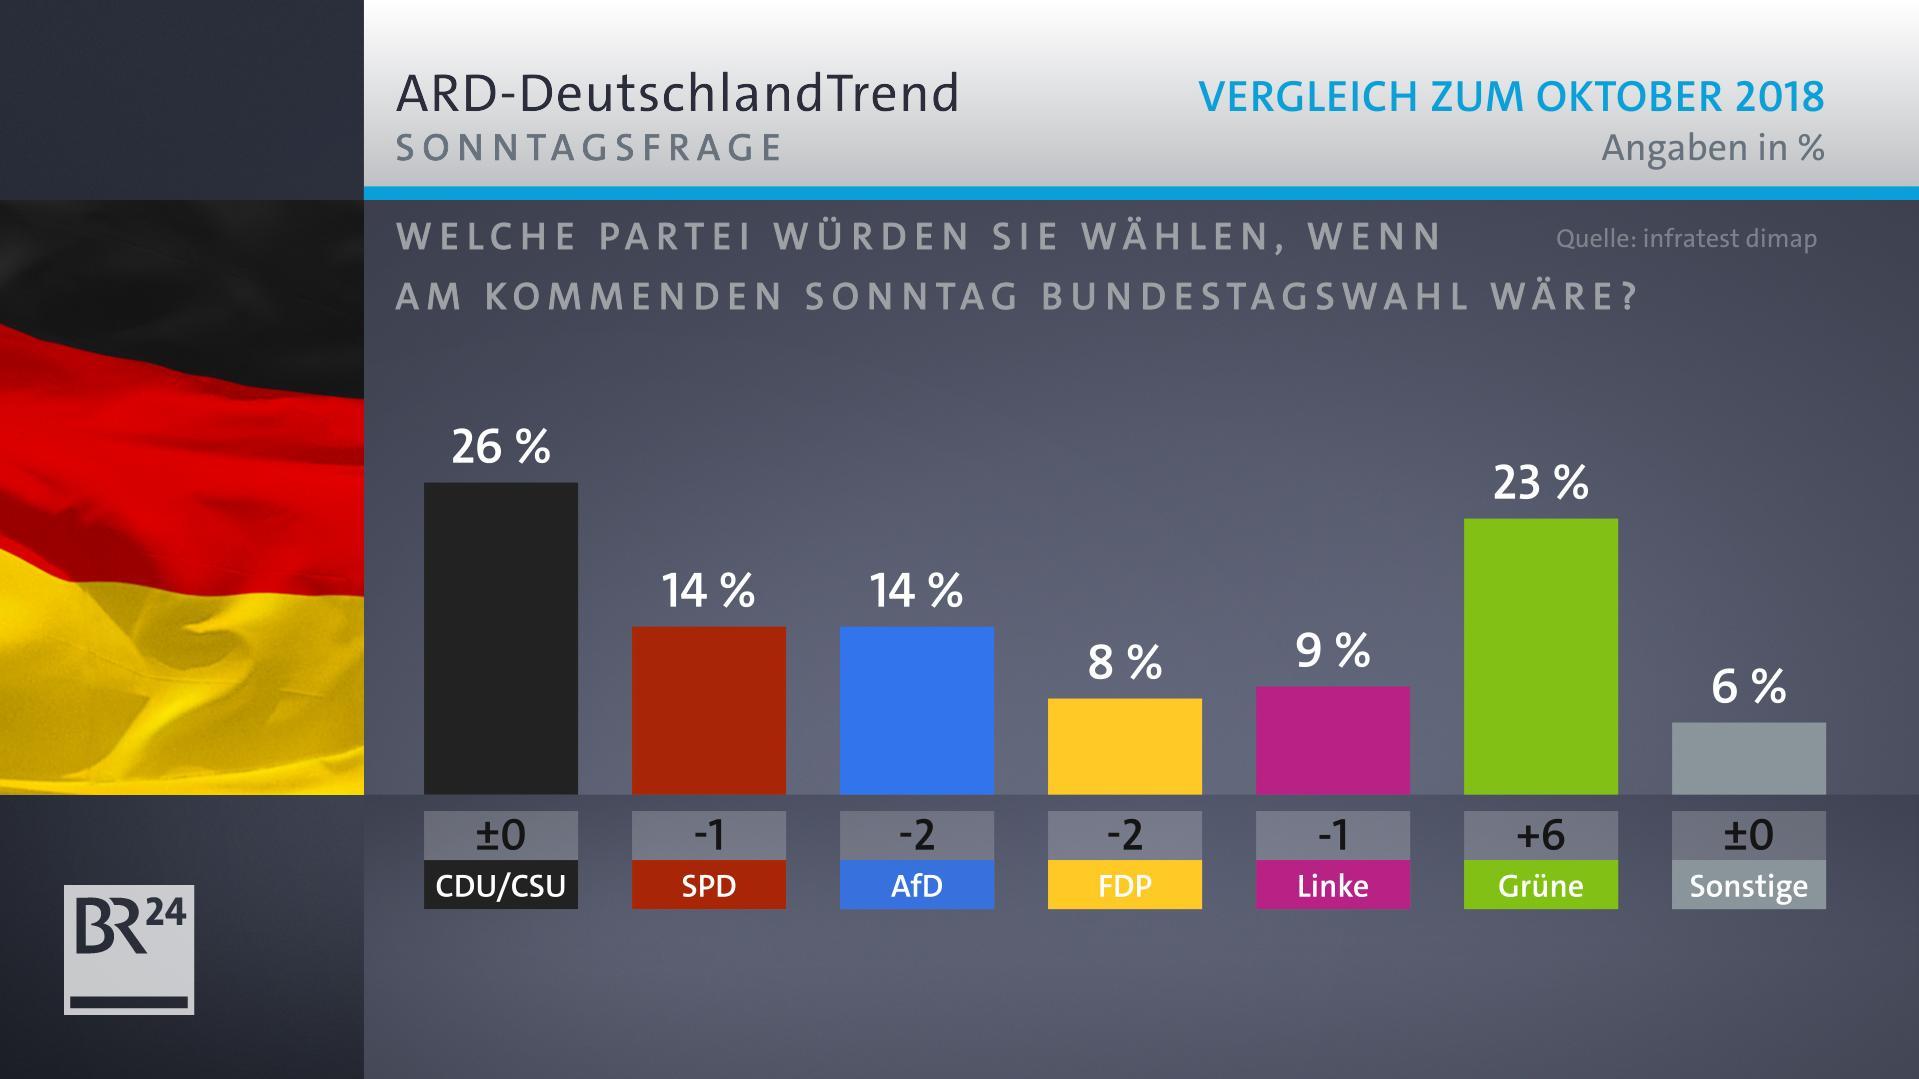 Grafik zur Sonntagsfrage im ARD-Deutschlandtrend, Vergleich zum Oktober 2018